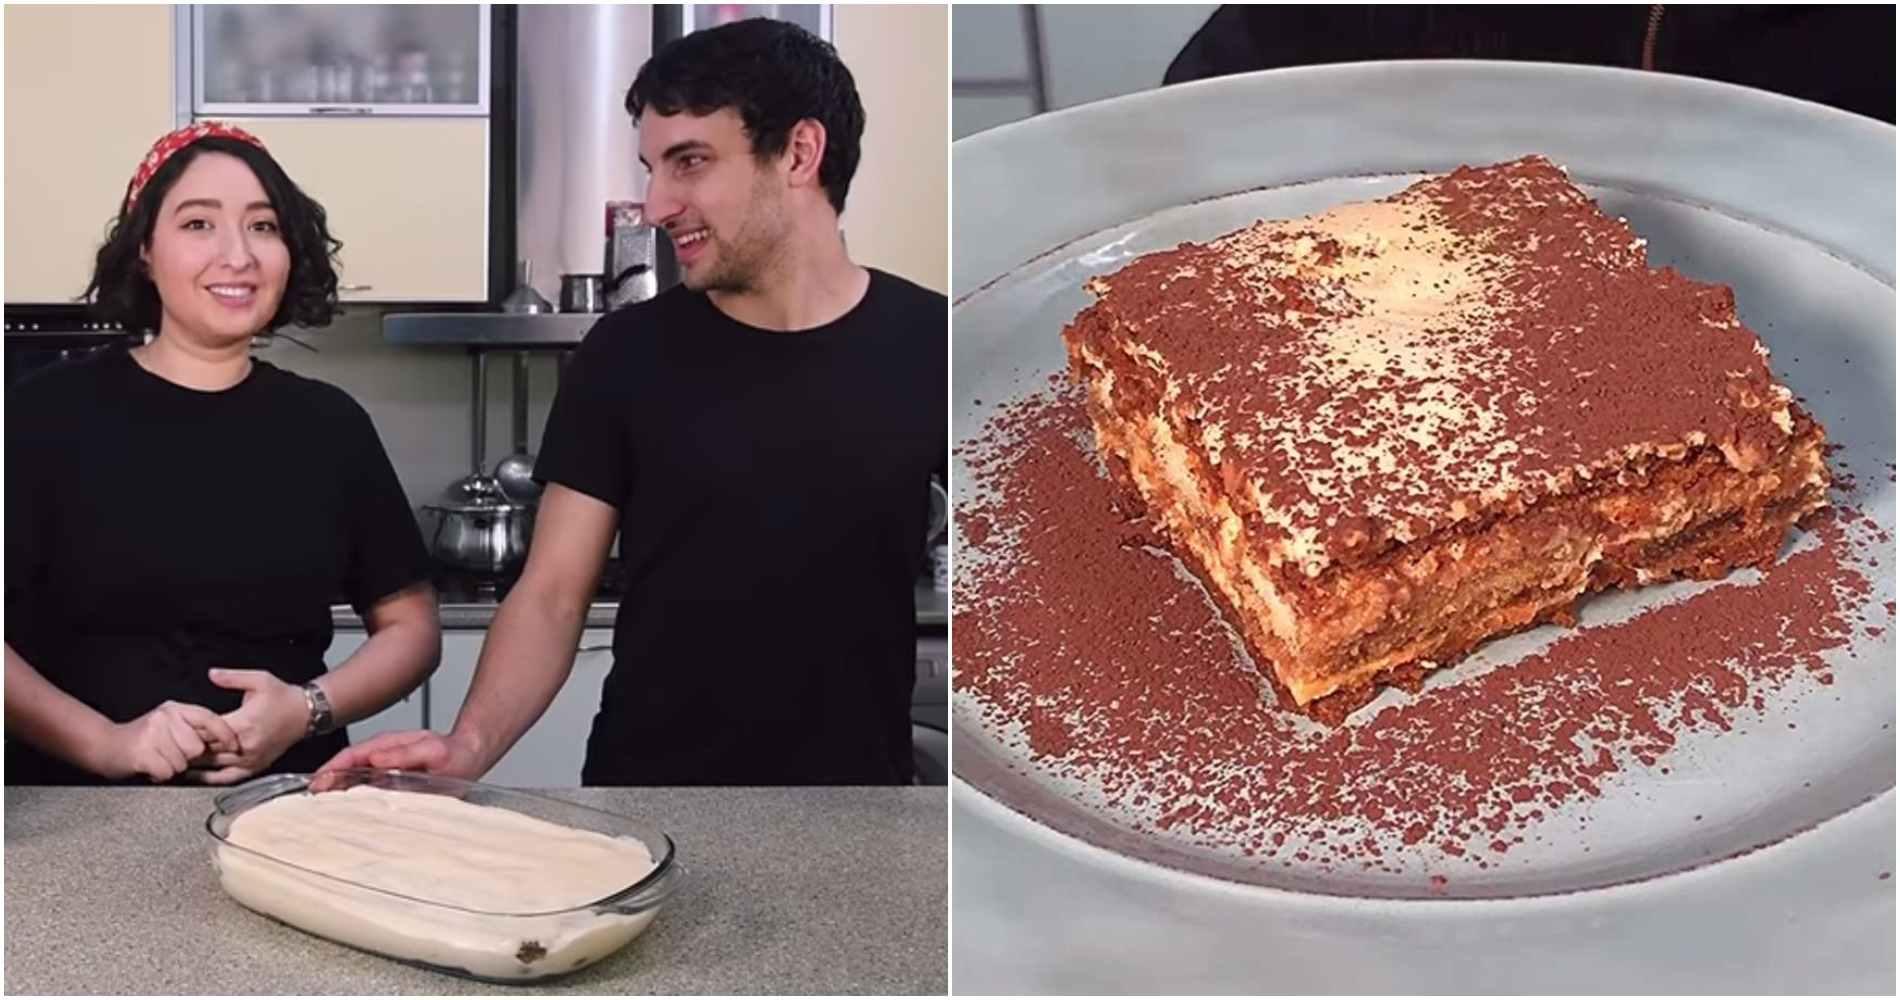 აუცილებლად სცადეთ ტირამისუს სახლში მომზადება - ნუცა და გაბრიელი საოცარი დესერტის რეცეპტს გთავაზობთ